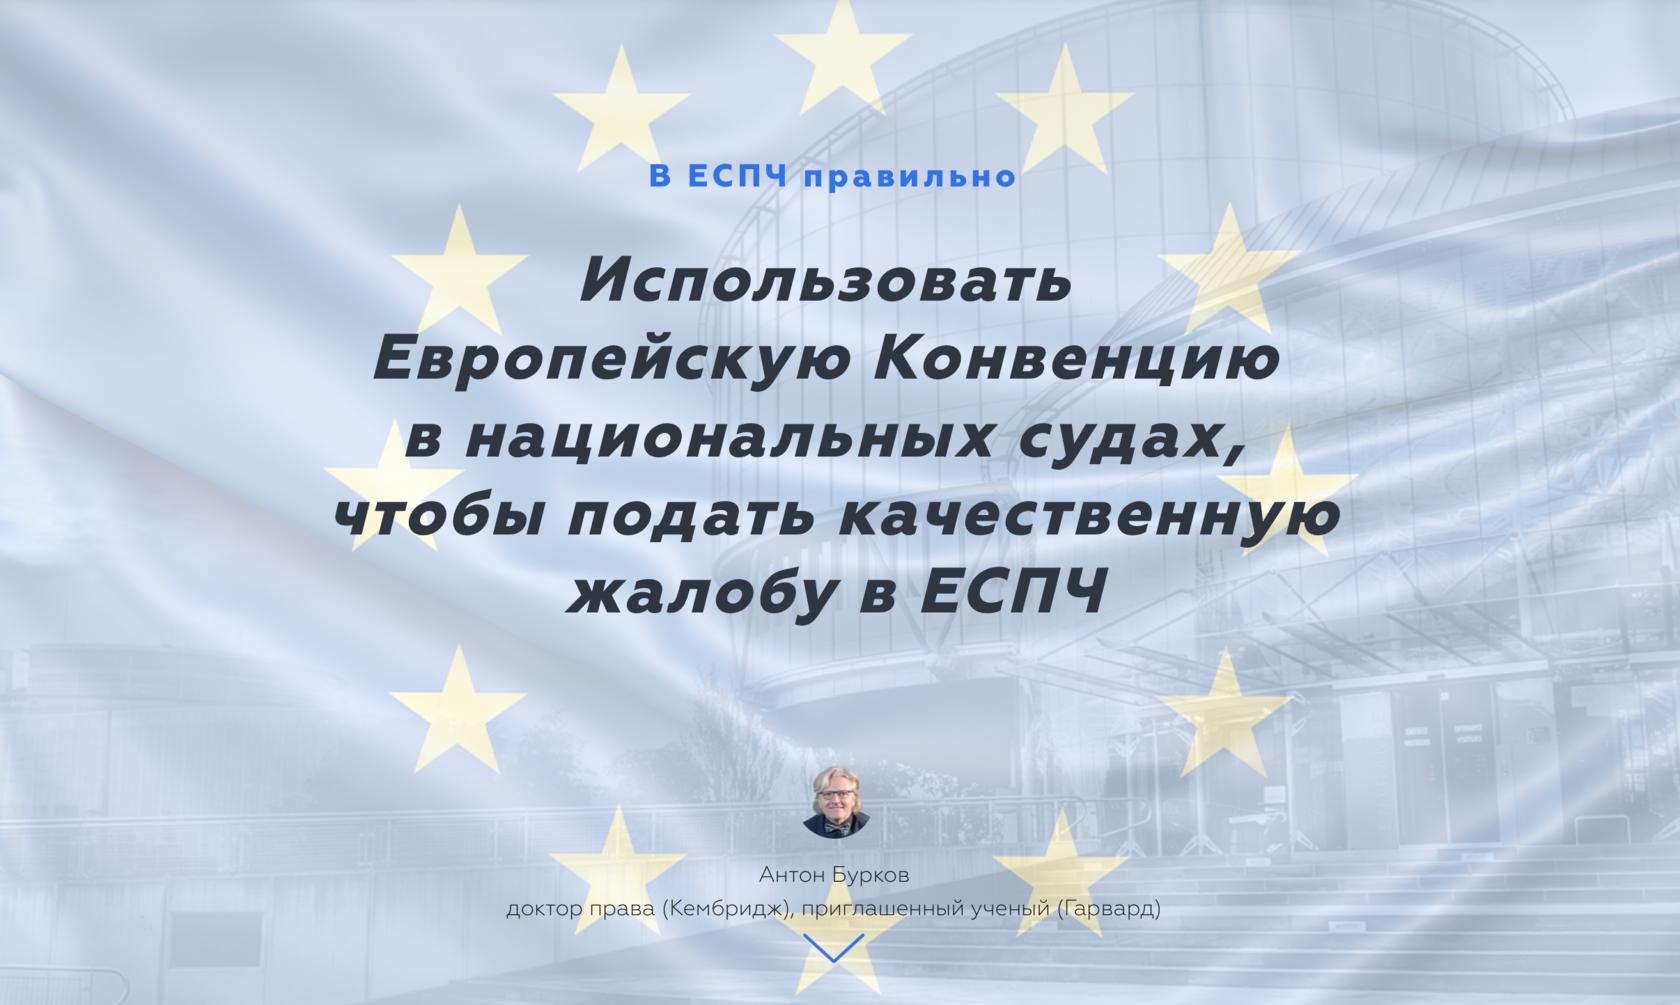 Постановления ЕСПЧ в местном суде